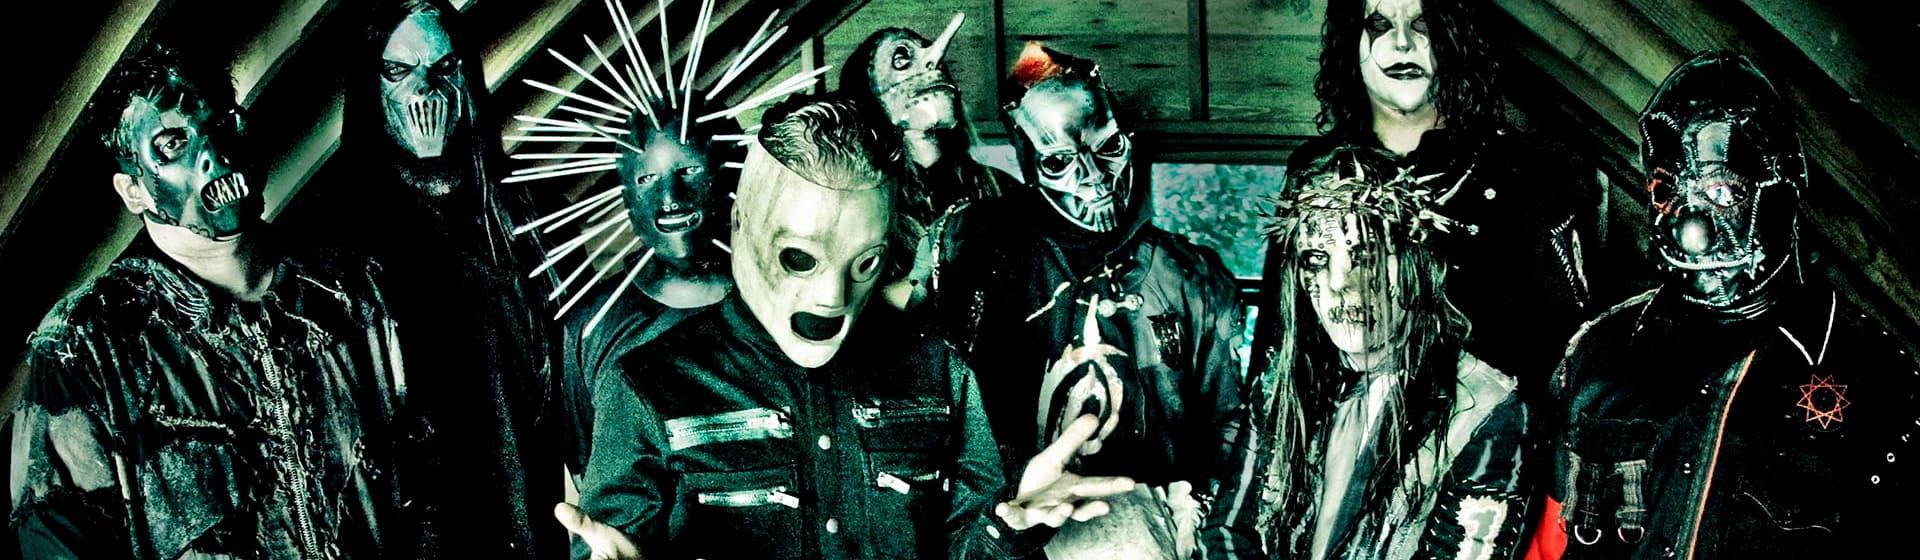 Slipknot - Мерч и одежда с атрибутикой